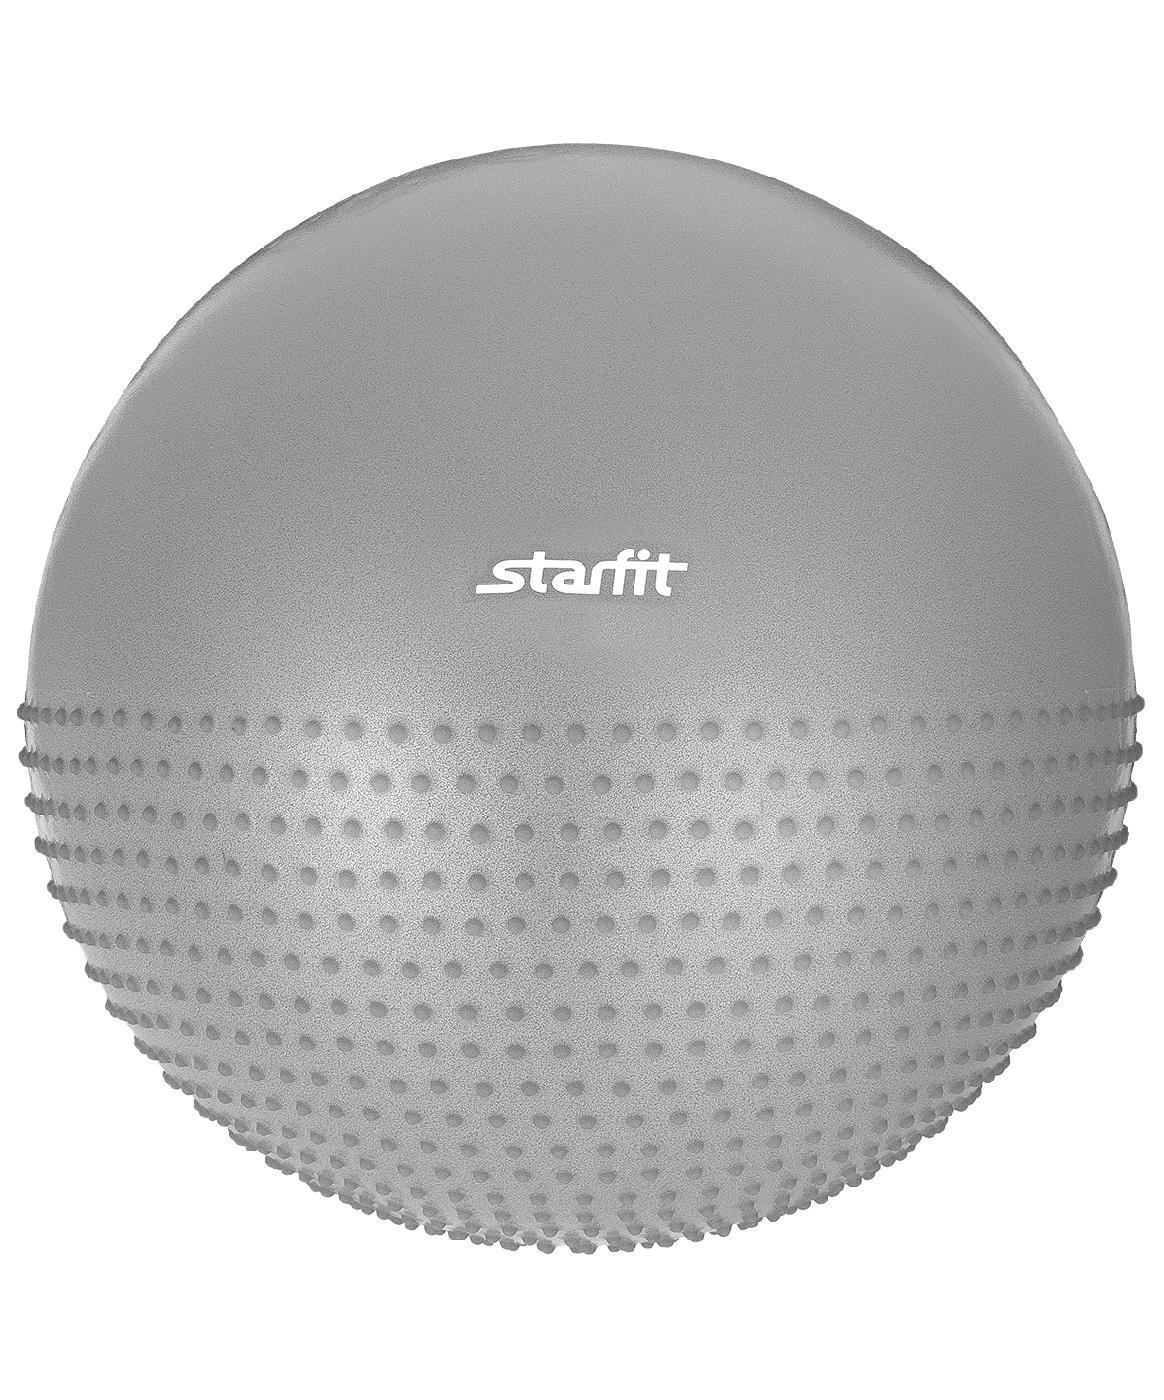 """Мяч для фитнеса Starfit Мяч гимнастический полумассажный Starfit GB-201 75 см, антивзрыв, серый, GB-201 75 см, антивзрыв, серыйGB-201 75 см, антивзрыв, серыйМяч GB-201 - это модель гимнастического полумассажного мяча Starfit. Всегда можно поменять сторону использования с простой гимнастической на массажную и обратно.С помощью мяча полумассажного можно тренировать все мышцы тела, правильно выстроив тренировочный процесс и используя его как основной или второстепенный снаряд (создавая за счет него лишь синергизм действия, а не основу упражнения) для тренировки. А также удобно использовать для массажа мышц с повышенным тонусом.Мяч полумассажный Starfit – незаменимый и один из самых популярных аксессуаров в фитнесе. Его используют как женщины, так и мужчины в функциональном тренинге, бодибилдинге, групповых программах, стретчинге (растяжке).Характеристики:Диаметр, см: 75Материал: ПВХМаксимальный вес пользователя, кг: 100Система """"антивзрыв"""": естьВес без упаковки, кг: 1,3Цвет: серыйТип упаковки: цветная коробкаРазмер упаковки, см: 19х14х26Вес в упаковке, кг: 1,45Количество в упаковке, шт: 1Производство: КНР"""